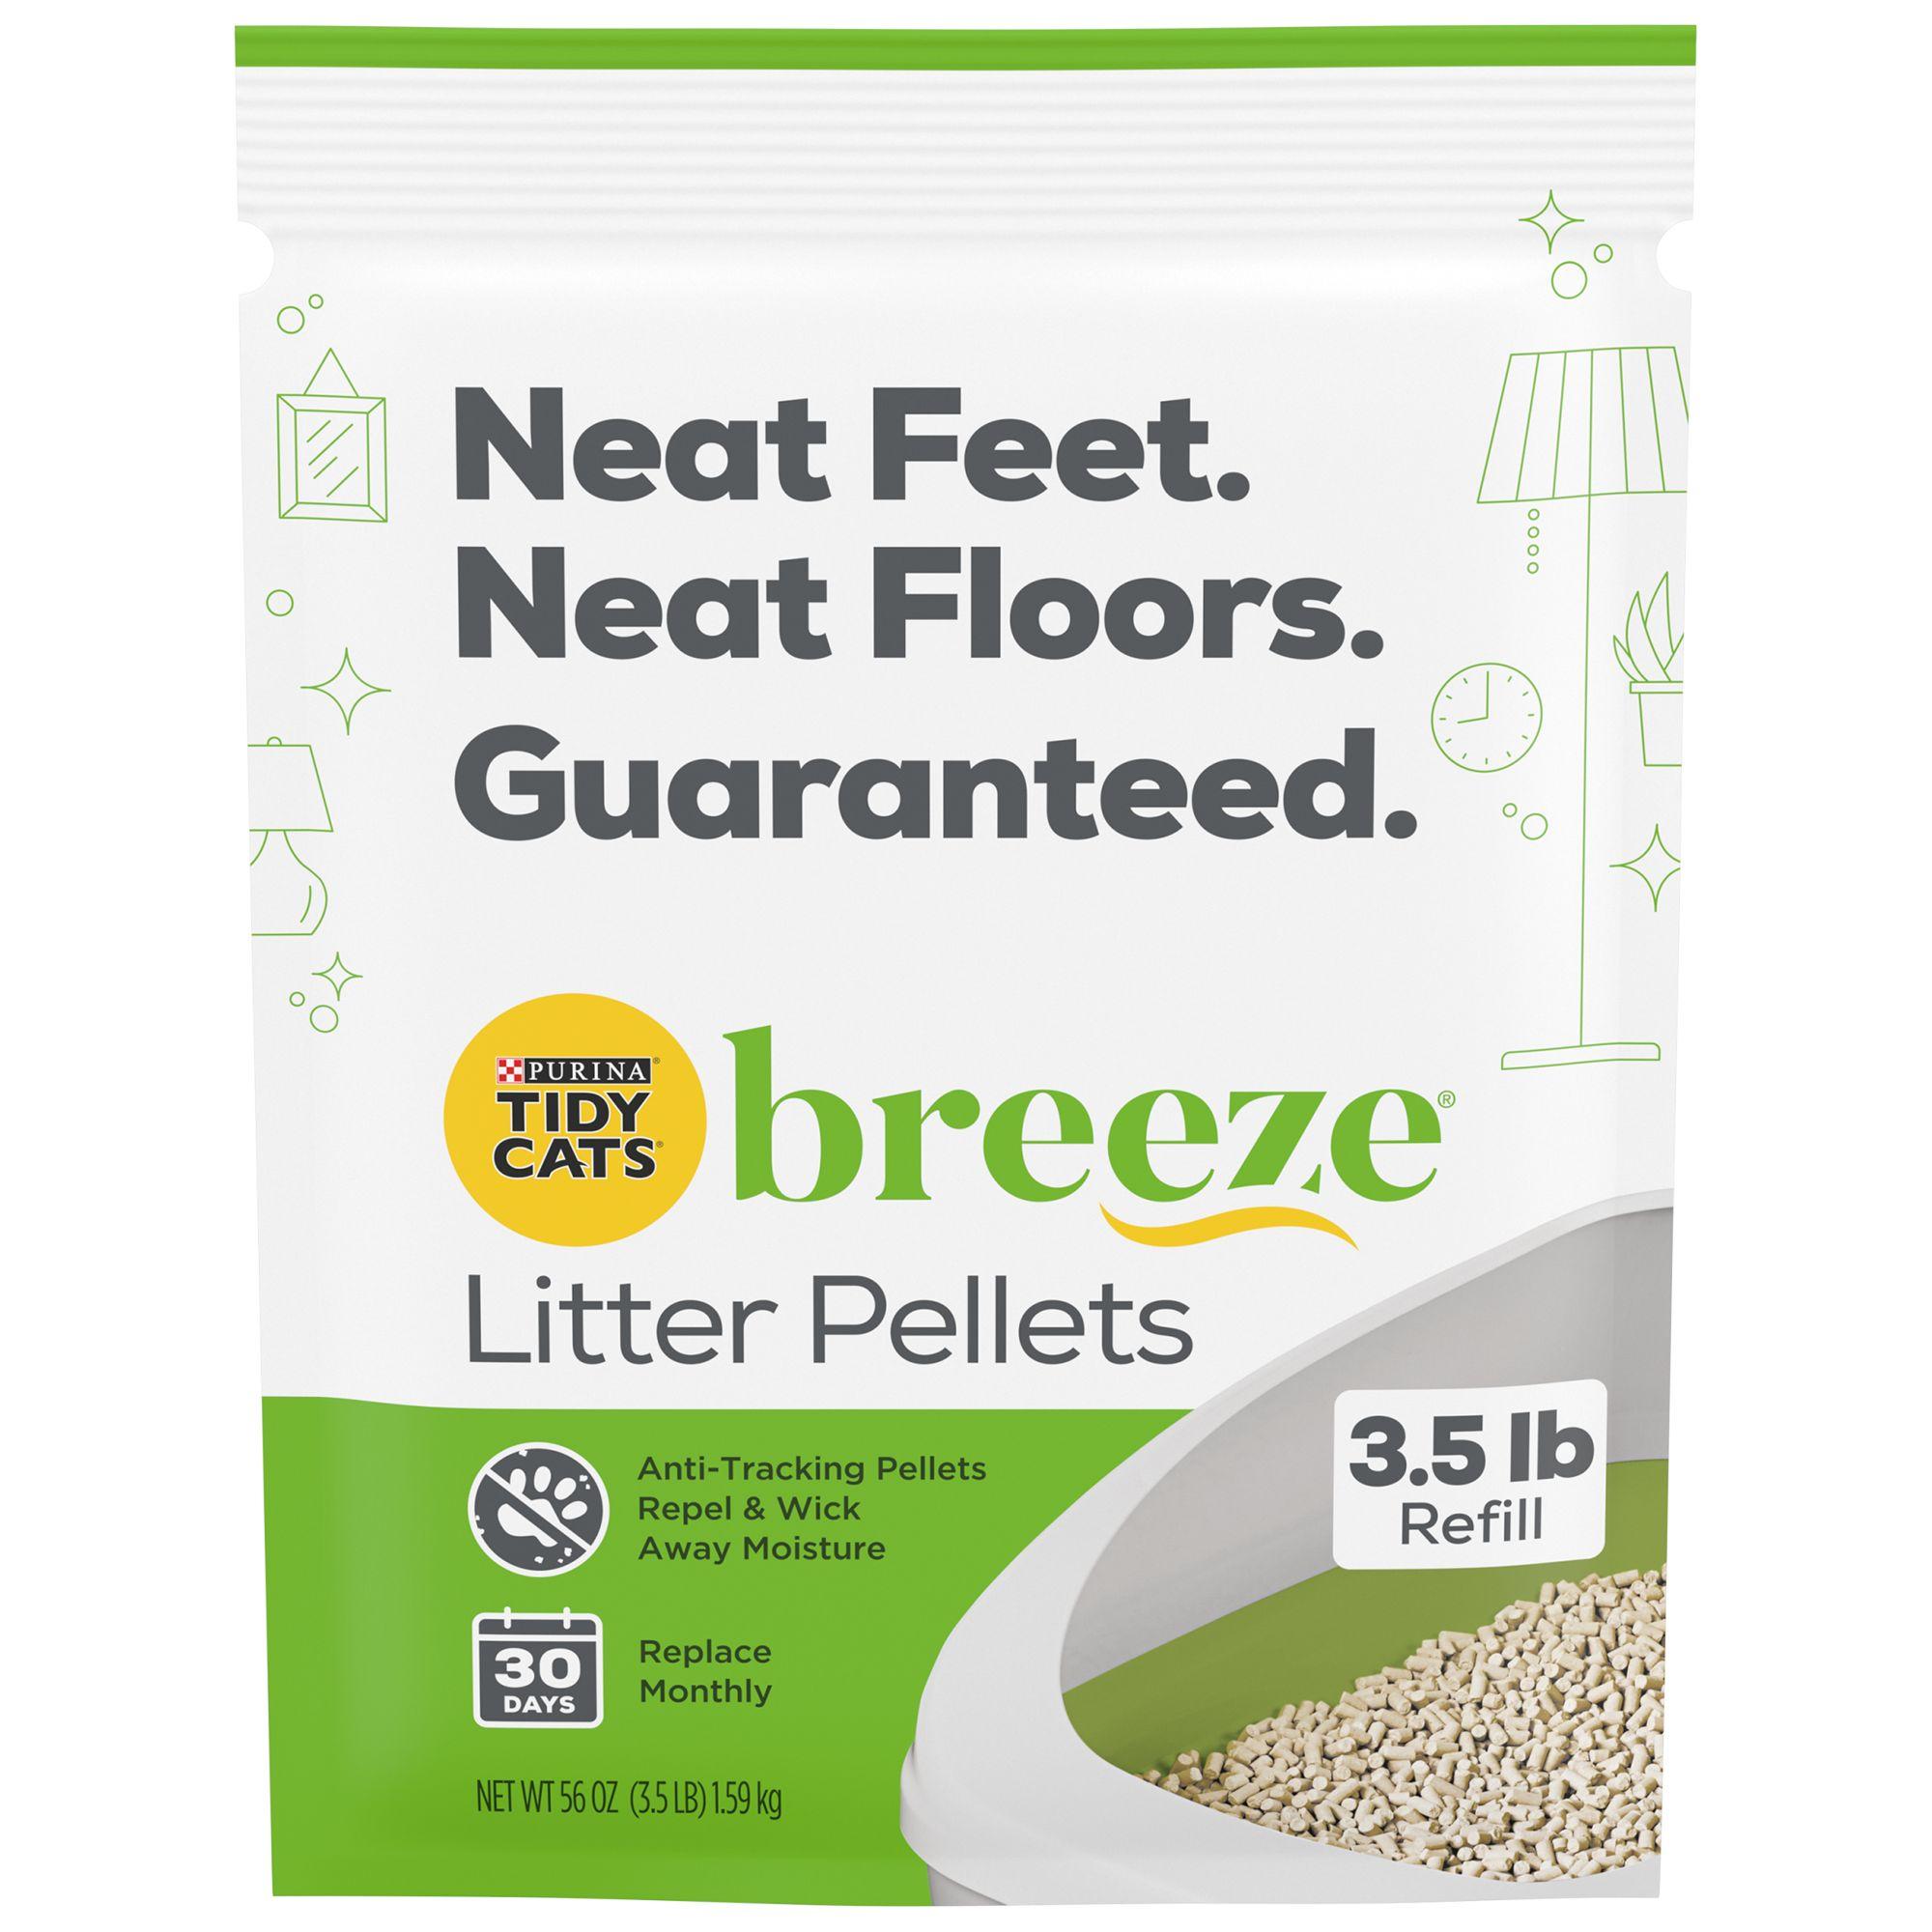 Purina Tidy Cats Breeze Cat Litter Pellets Refill Size 3.5 Lb